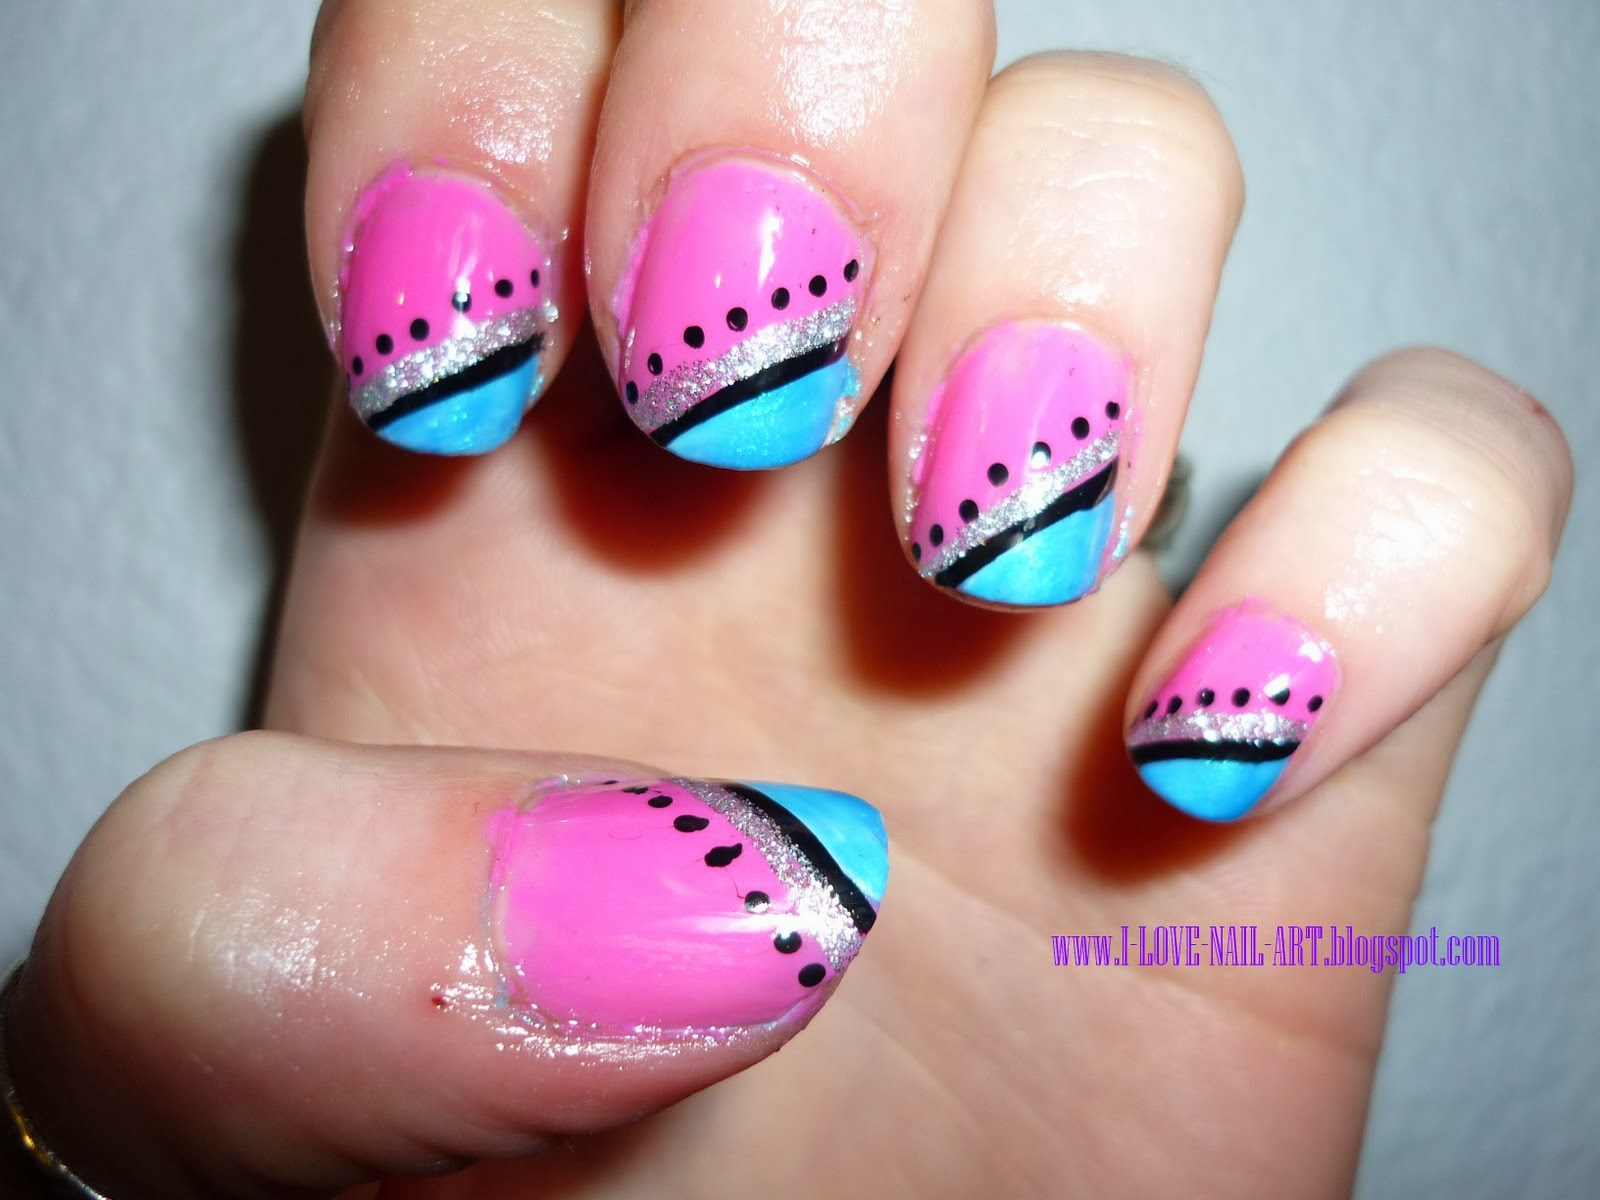 Nail Art for Short Nails | Nail Art Ideas 101